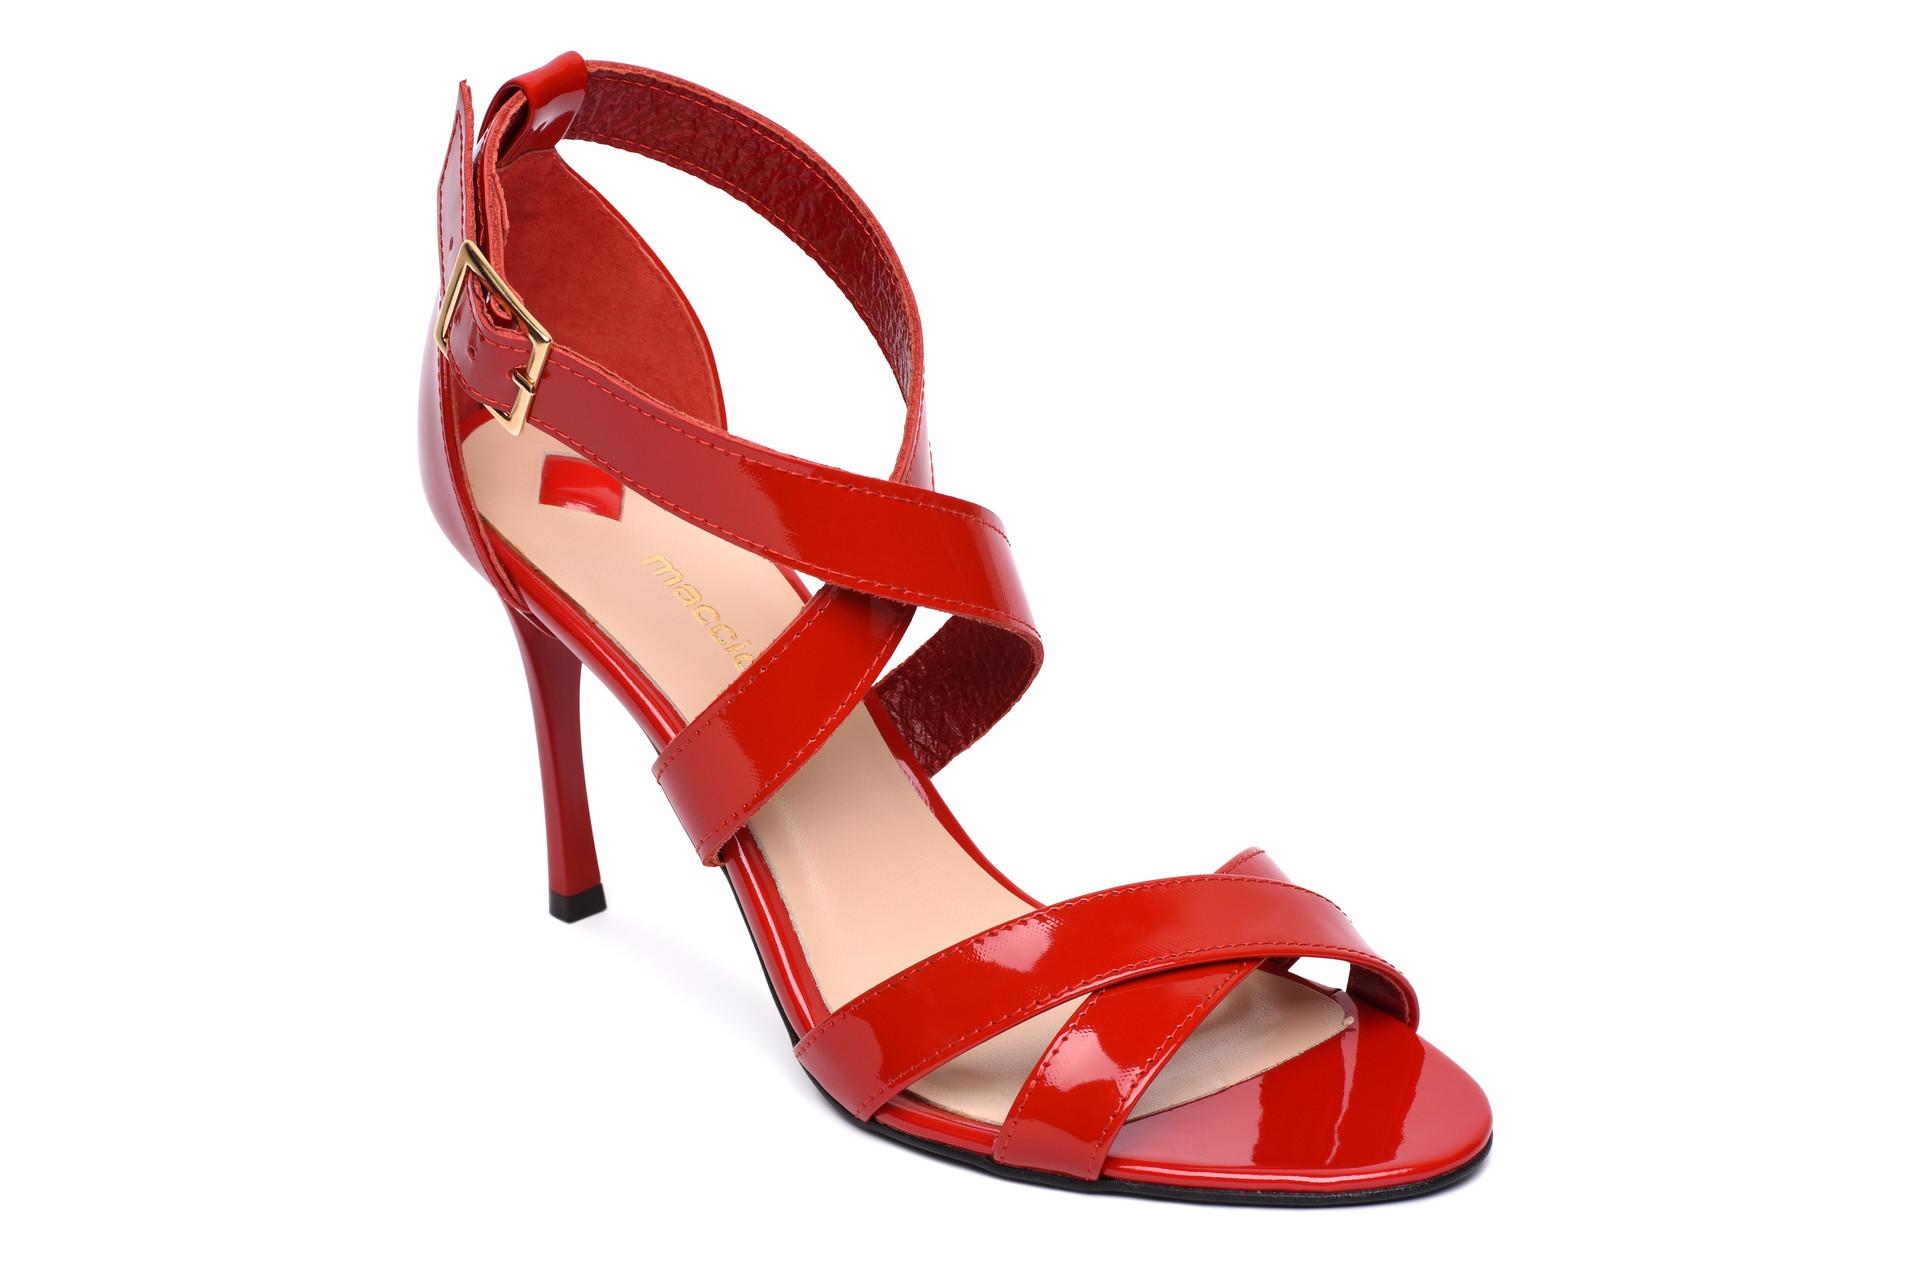 b7213d1bf7b5 GALLERY SHOES - Sandále - Sandále červené lakové maccioni